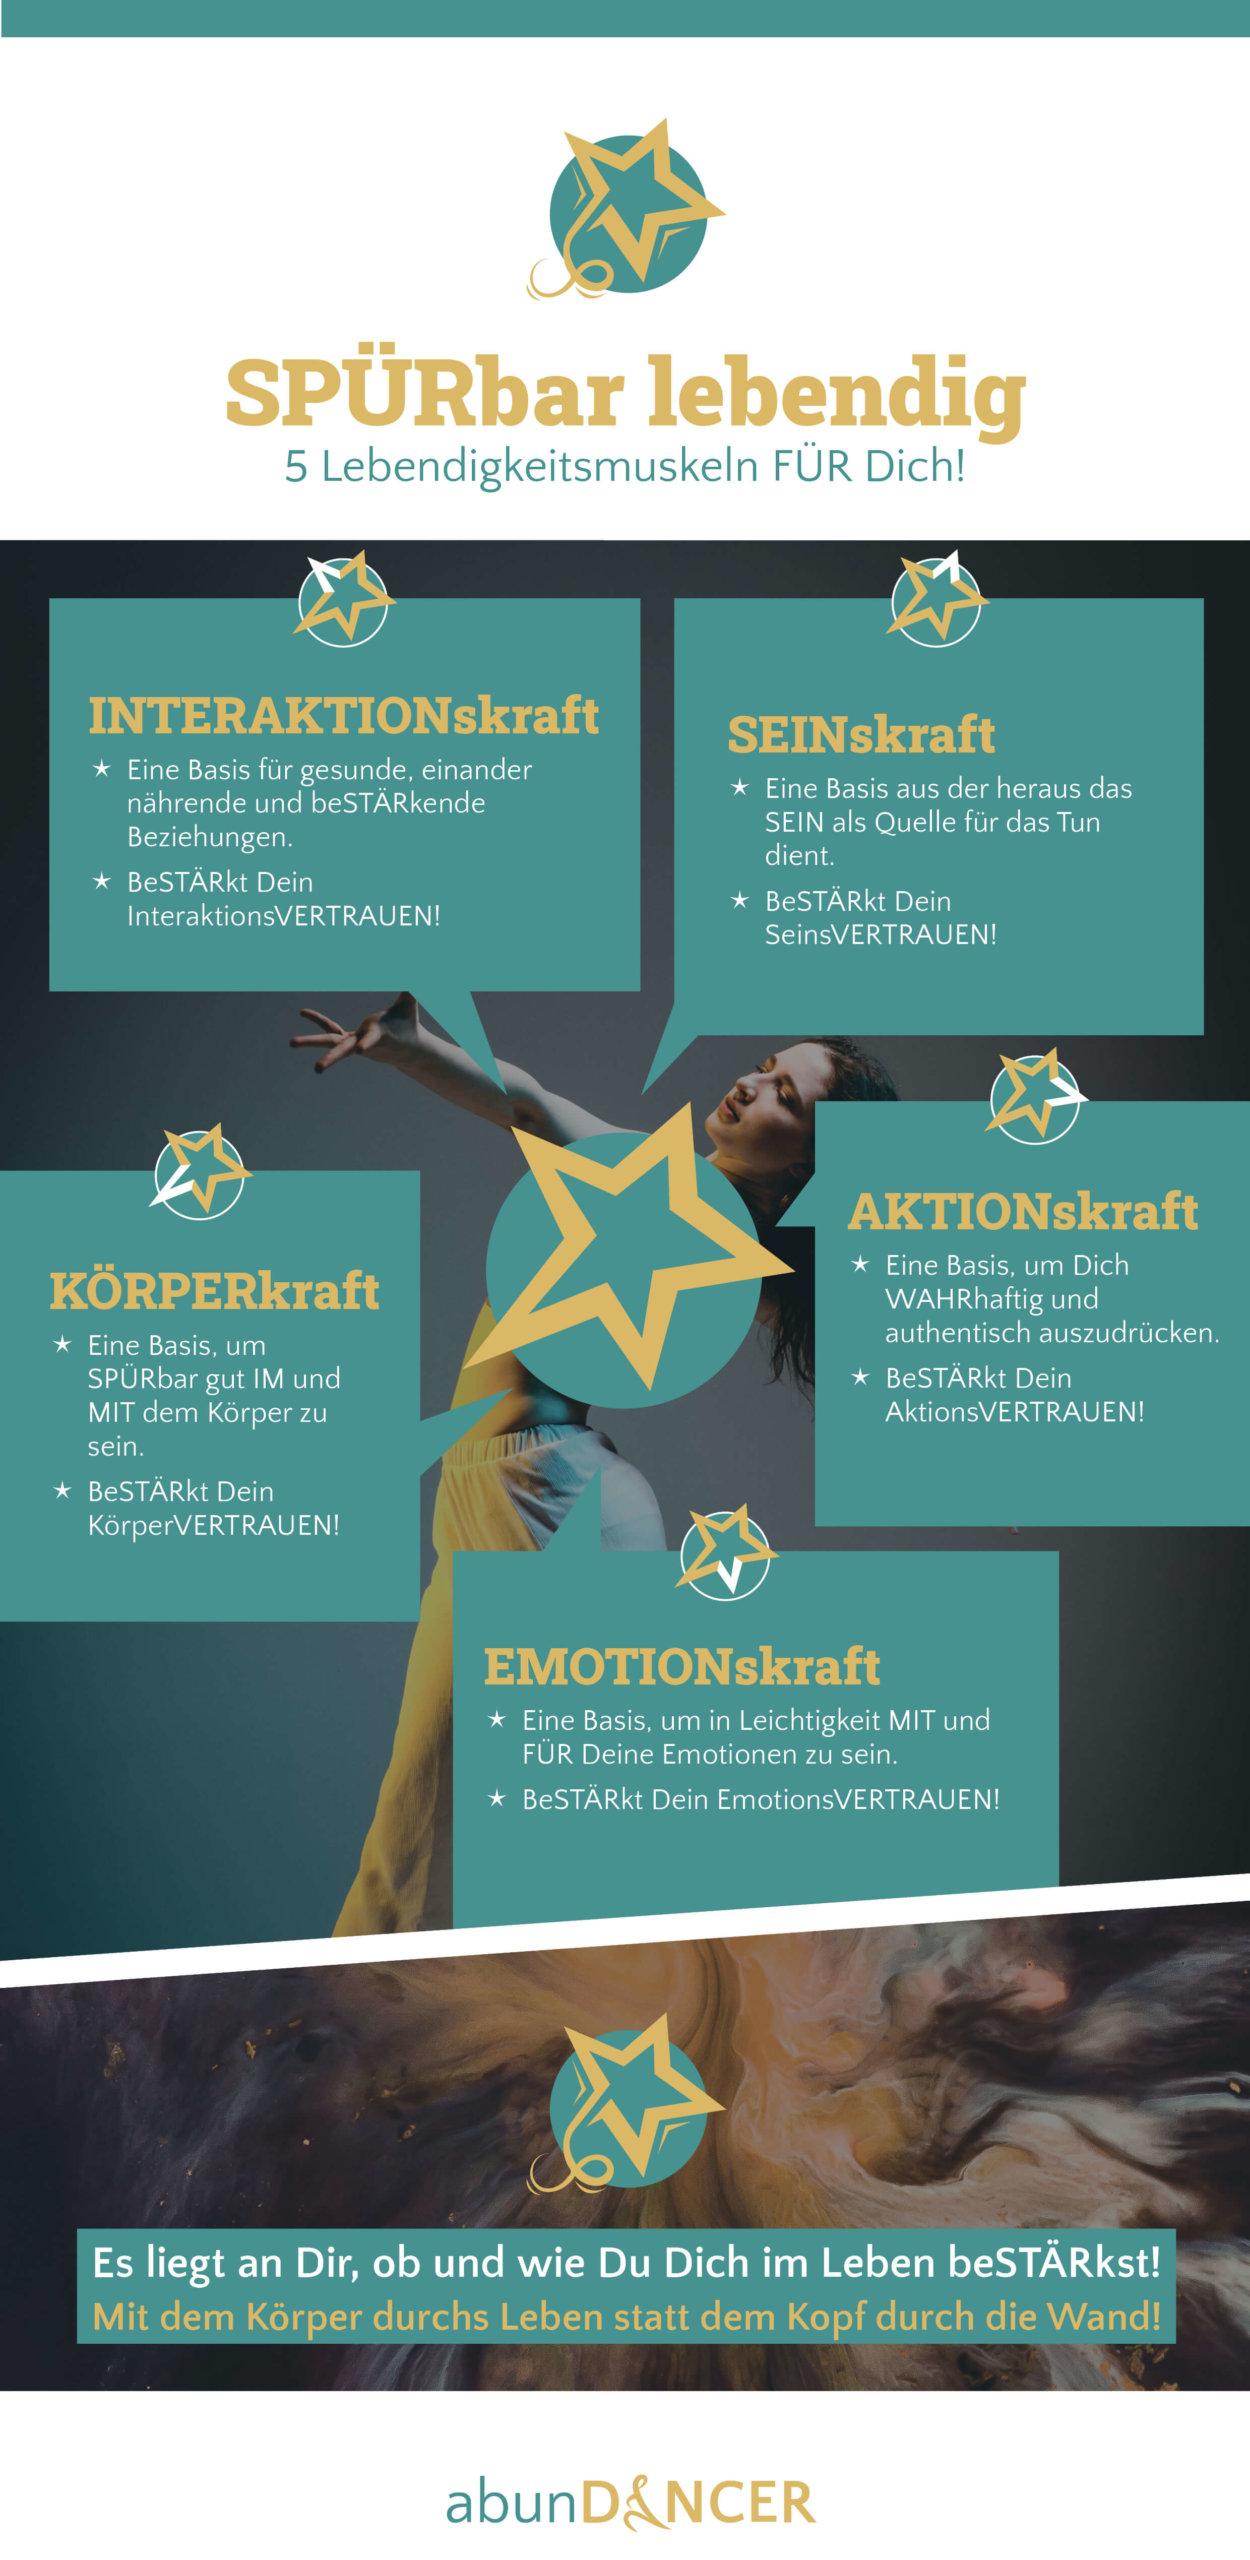 abunDANCER_Infografik_klein